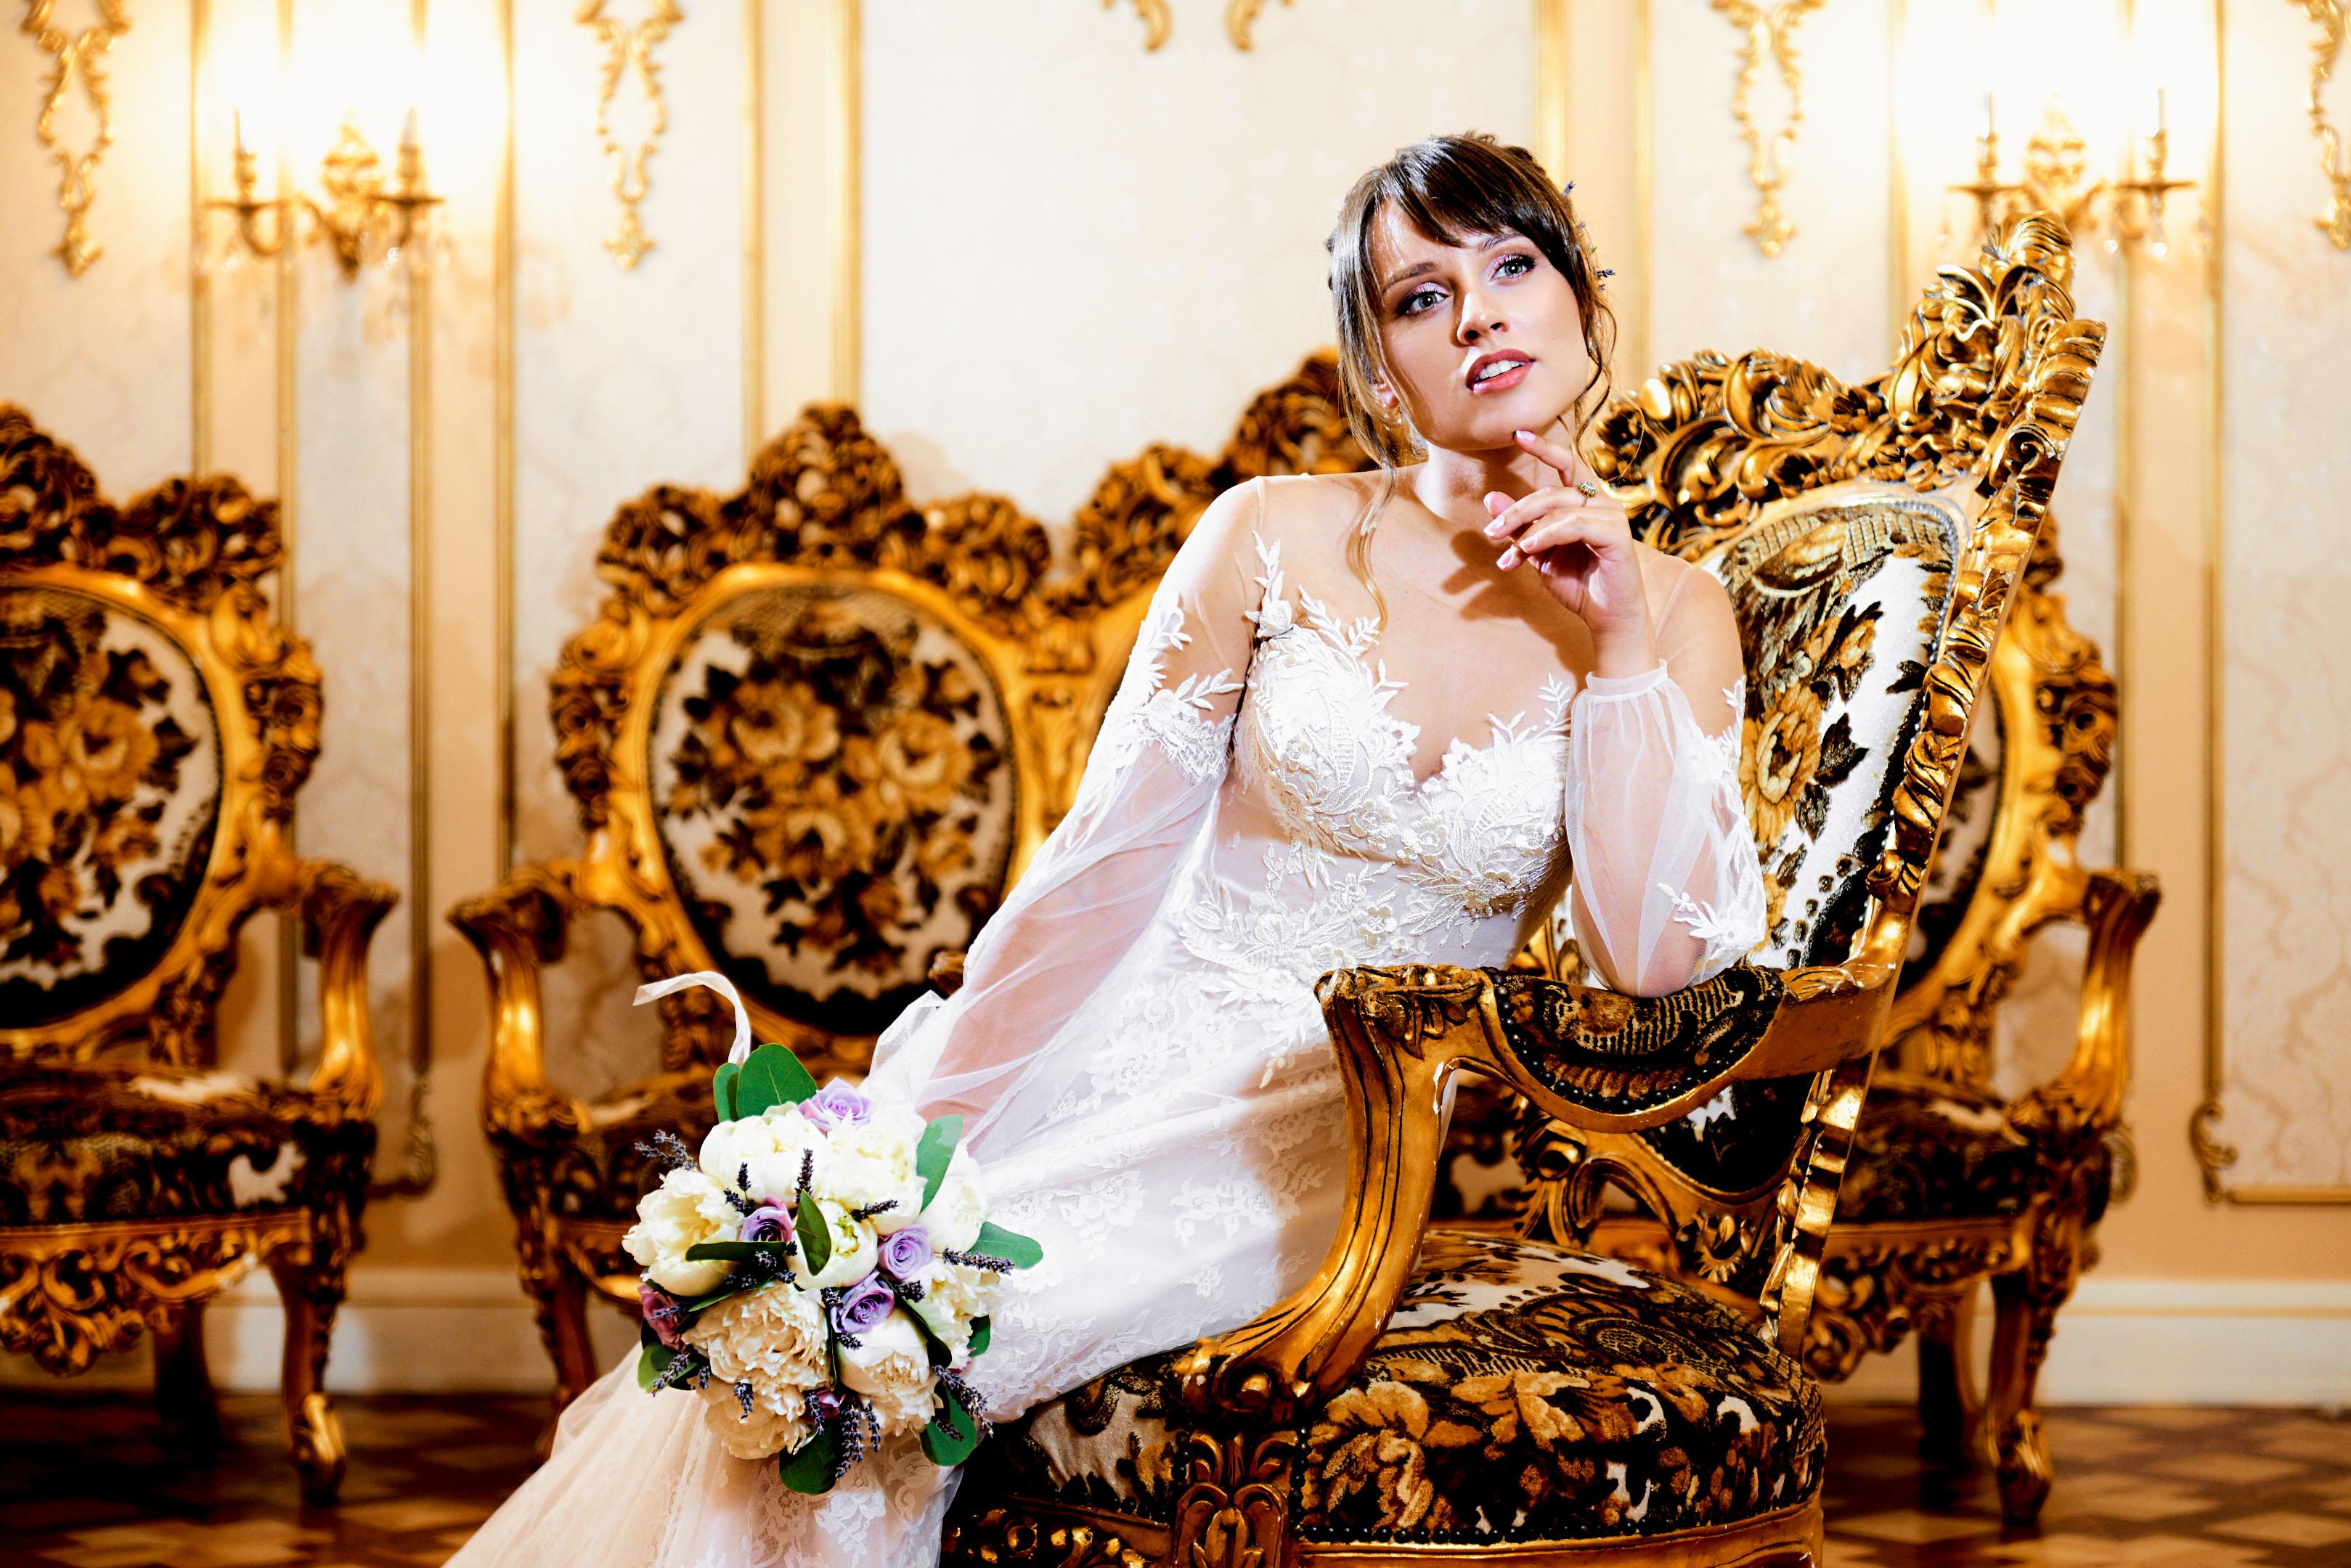 Свадебная фотосессия в фотостудии, свадебная фотосессия в дождь